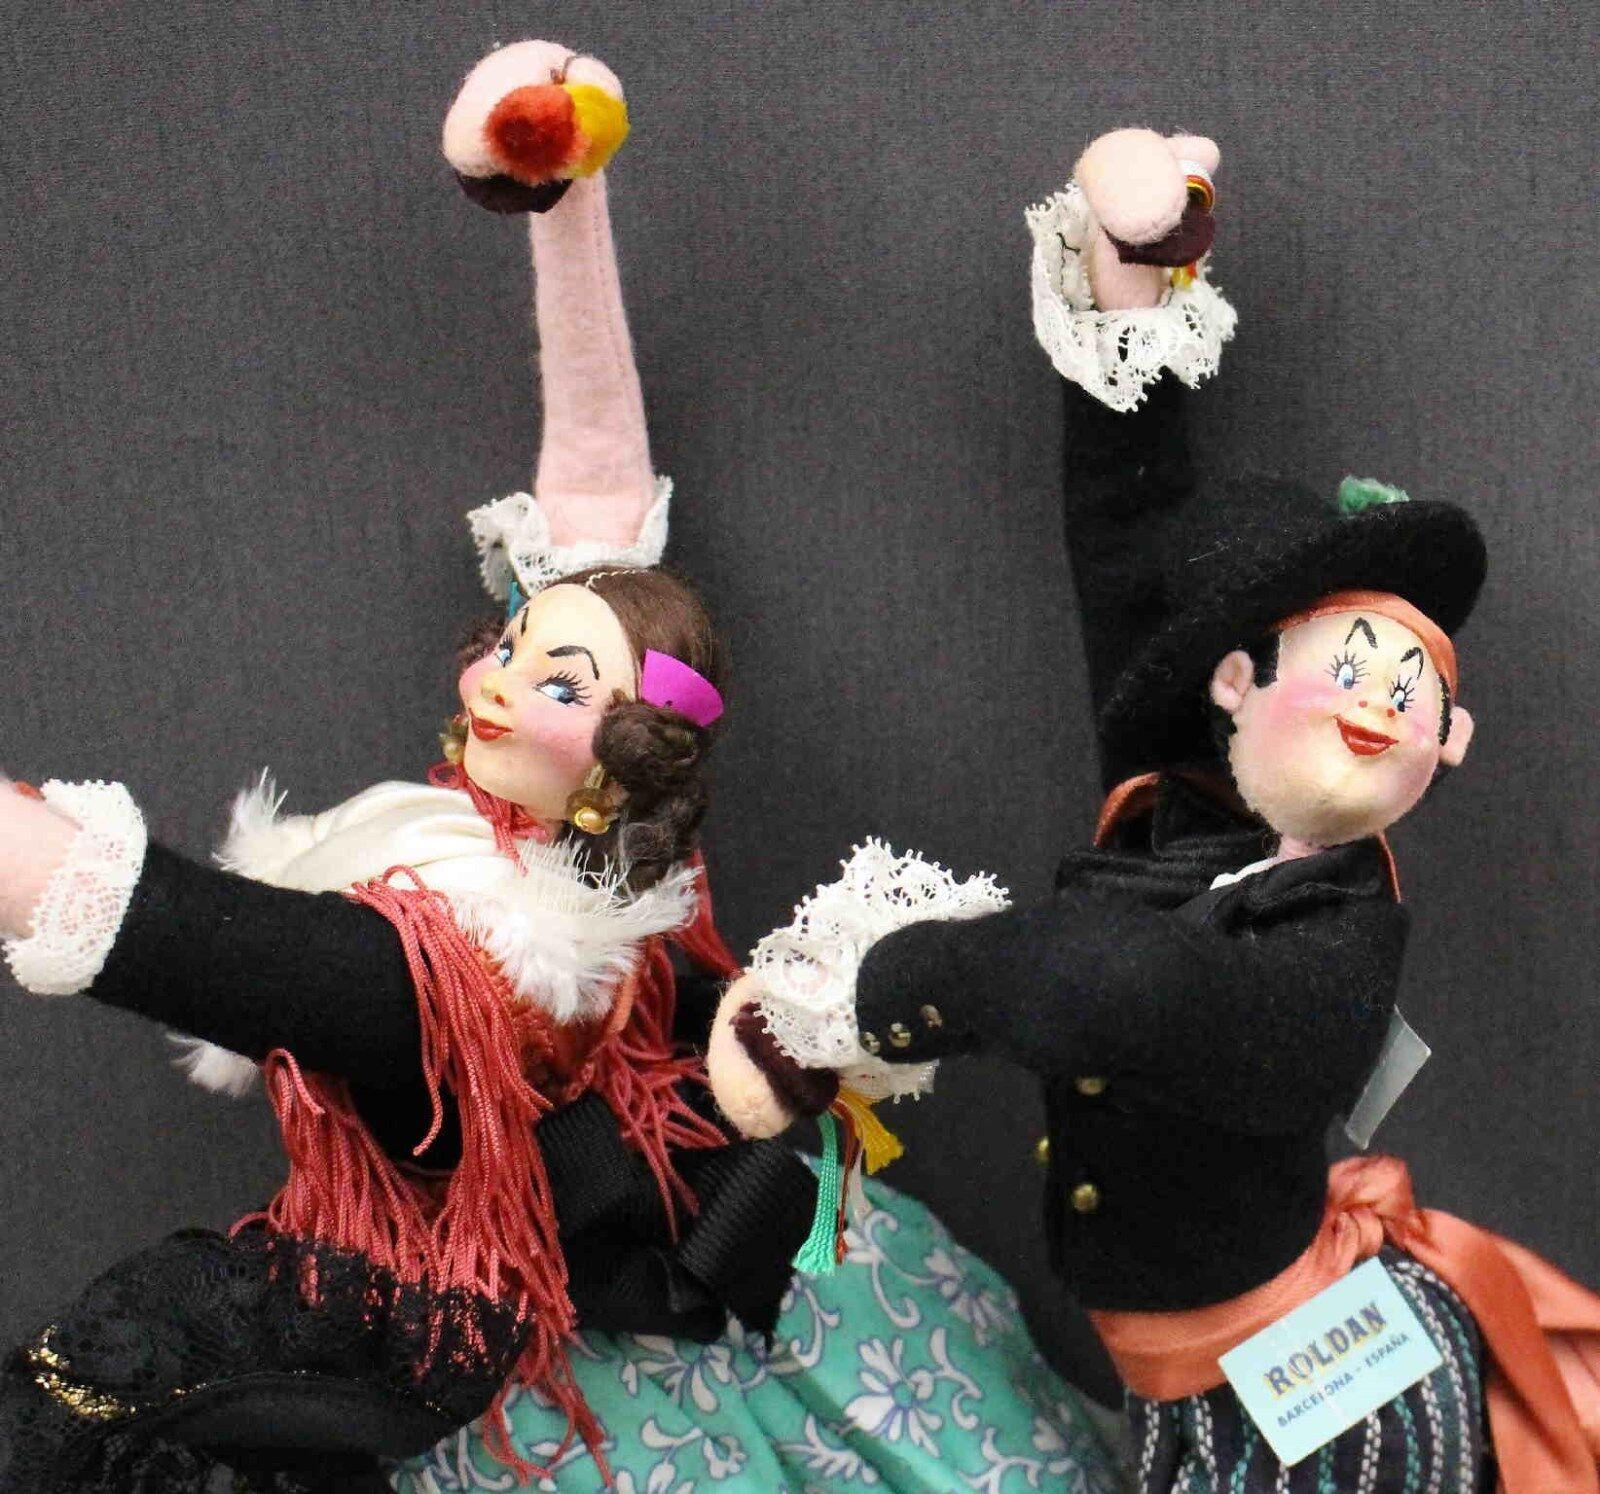 Par emparejado de muñecas bailarina española por  Roldan     Ven a elegir tu propio estilo deportivo.